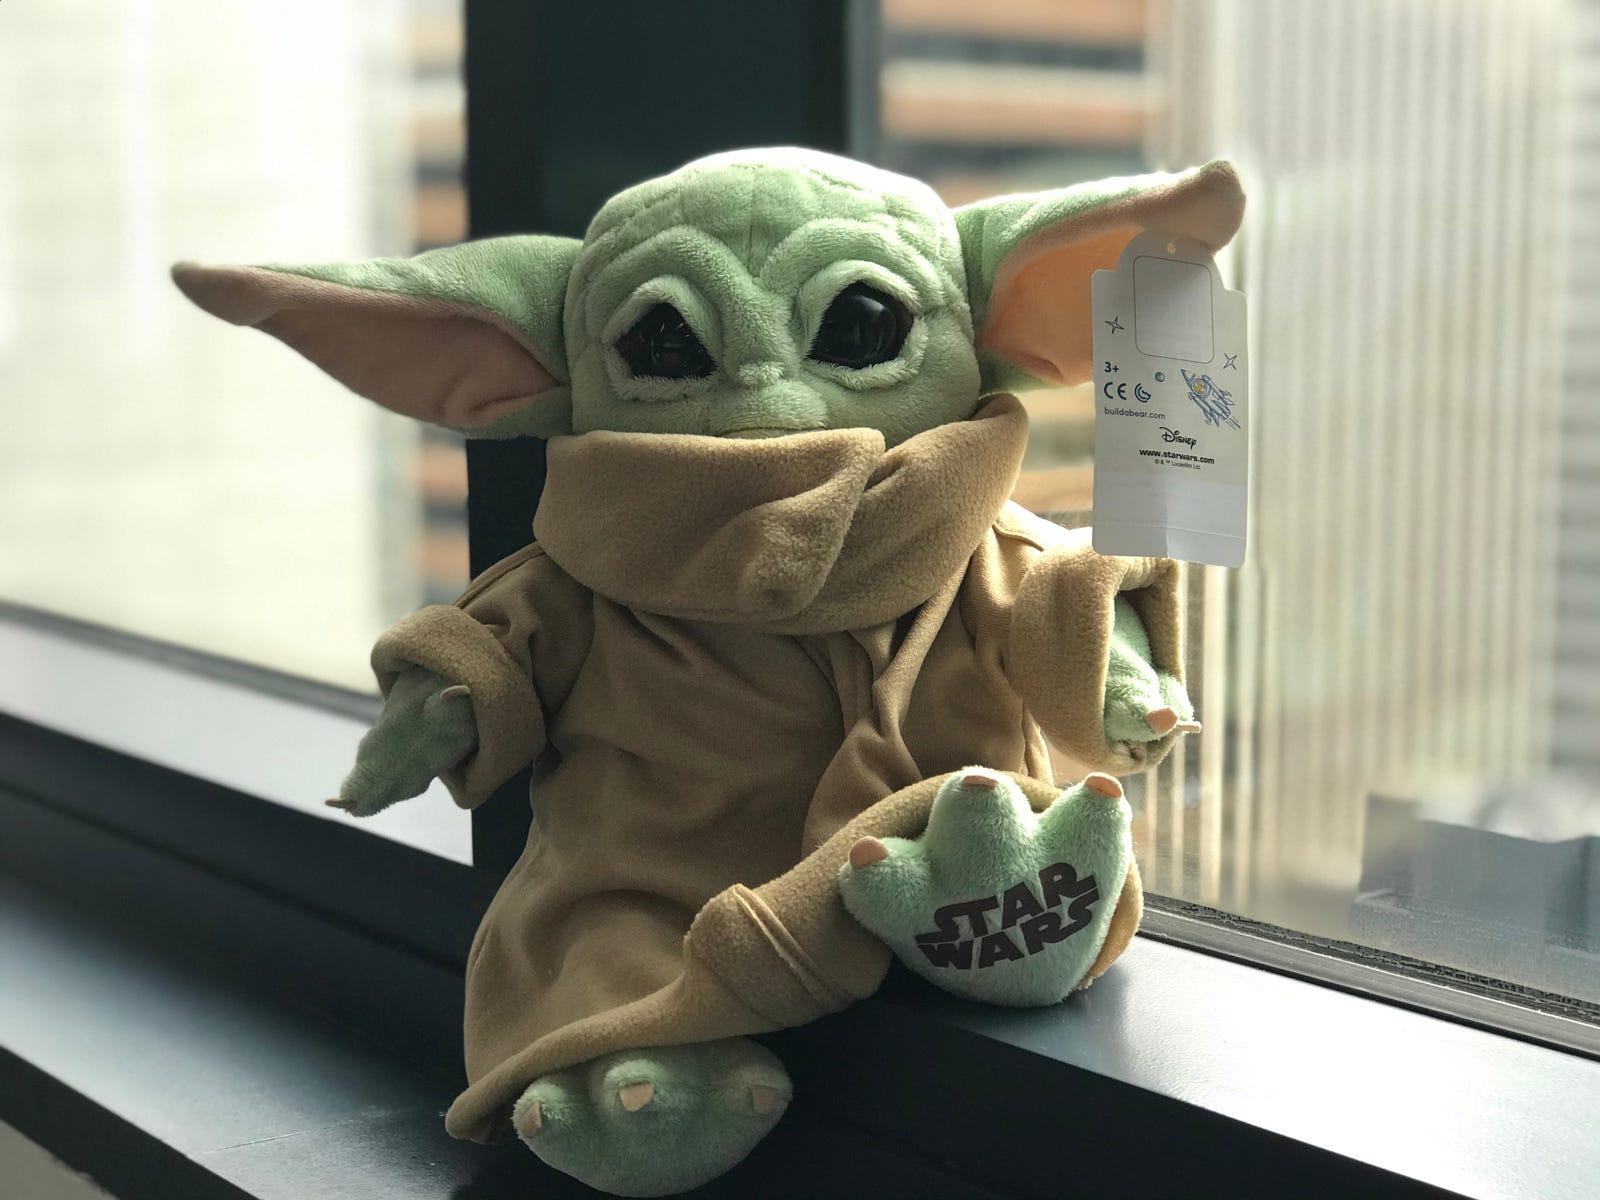 Build-A-Bear's Baby Yoda plush.